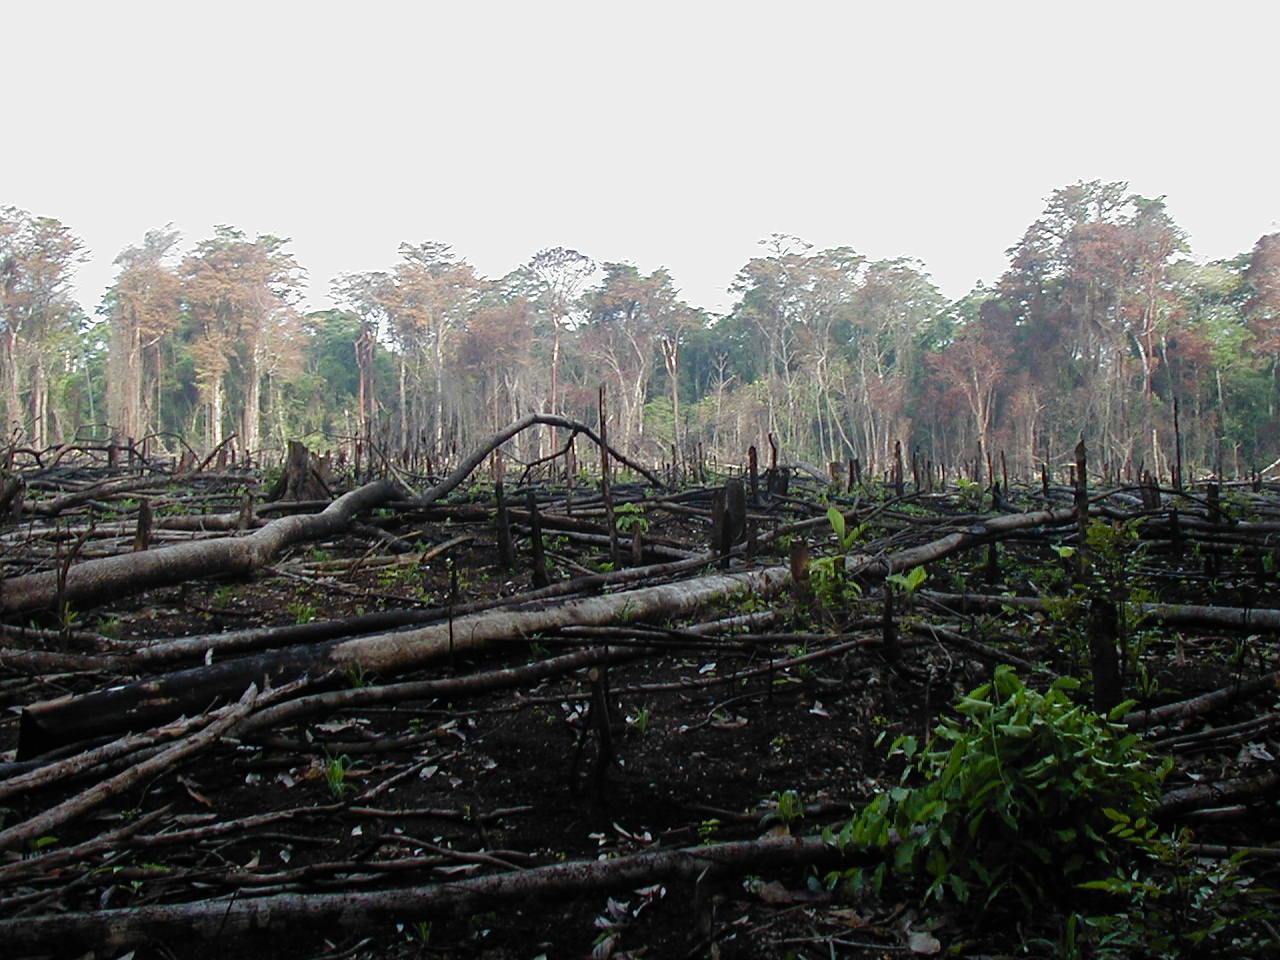 Brésil : Temer fait exploser la déforestation en Amazonie